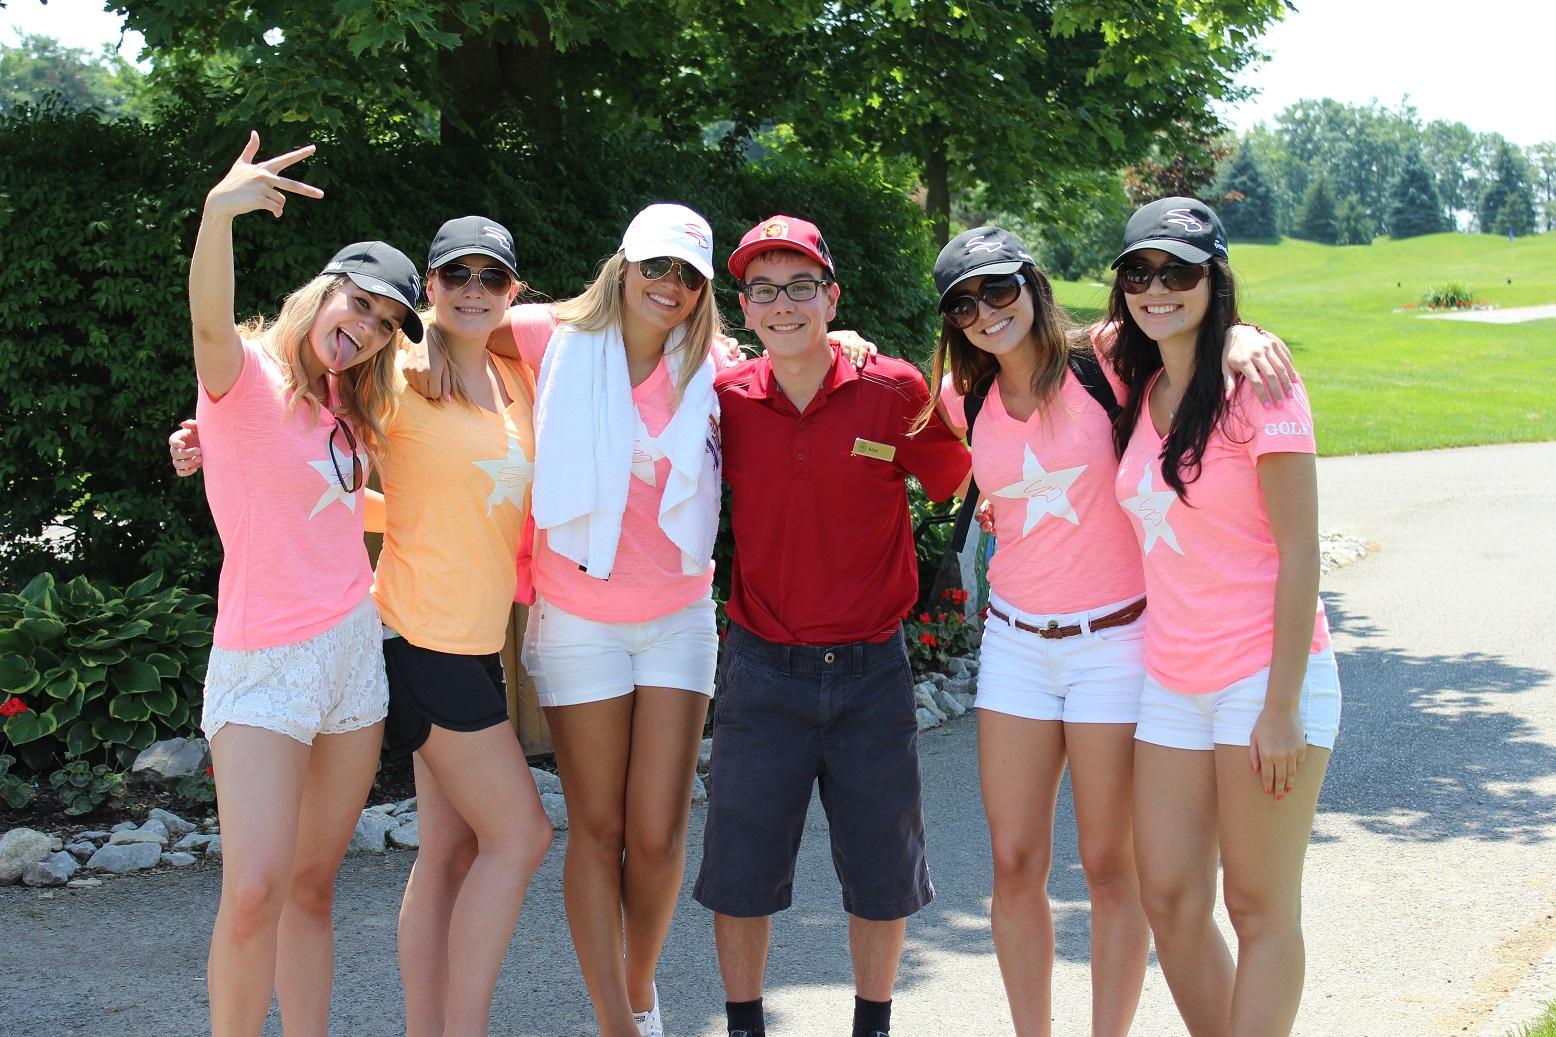 EddieO's Golf Ladies 9.jpg